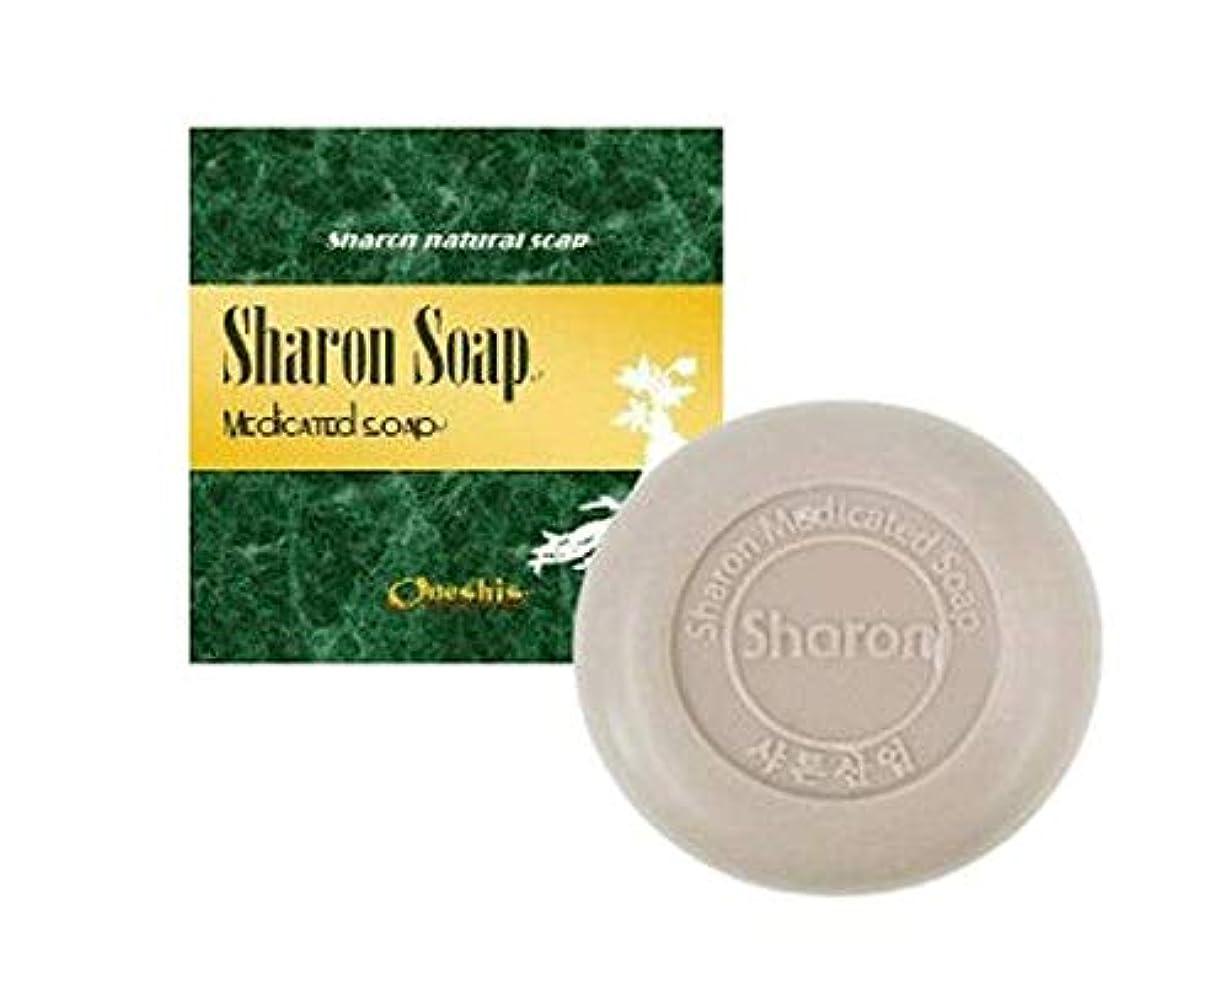 期限発症想像するSharon Soap シャロンナチュラルソープ 天然由来植物成分 美肌石鹸